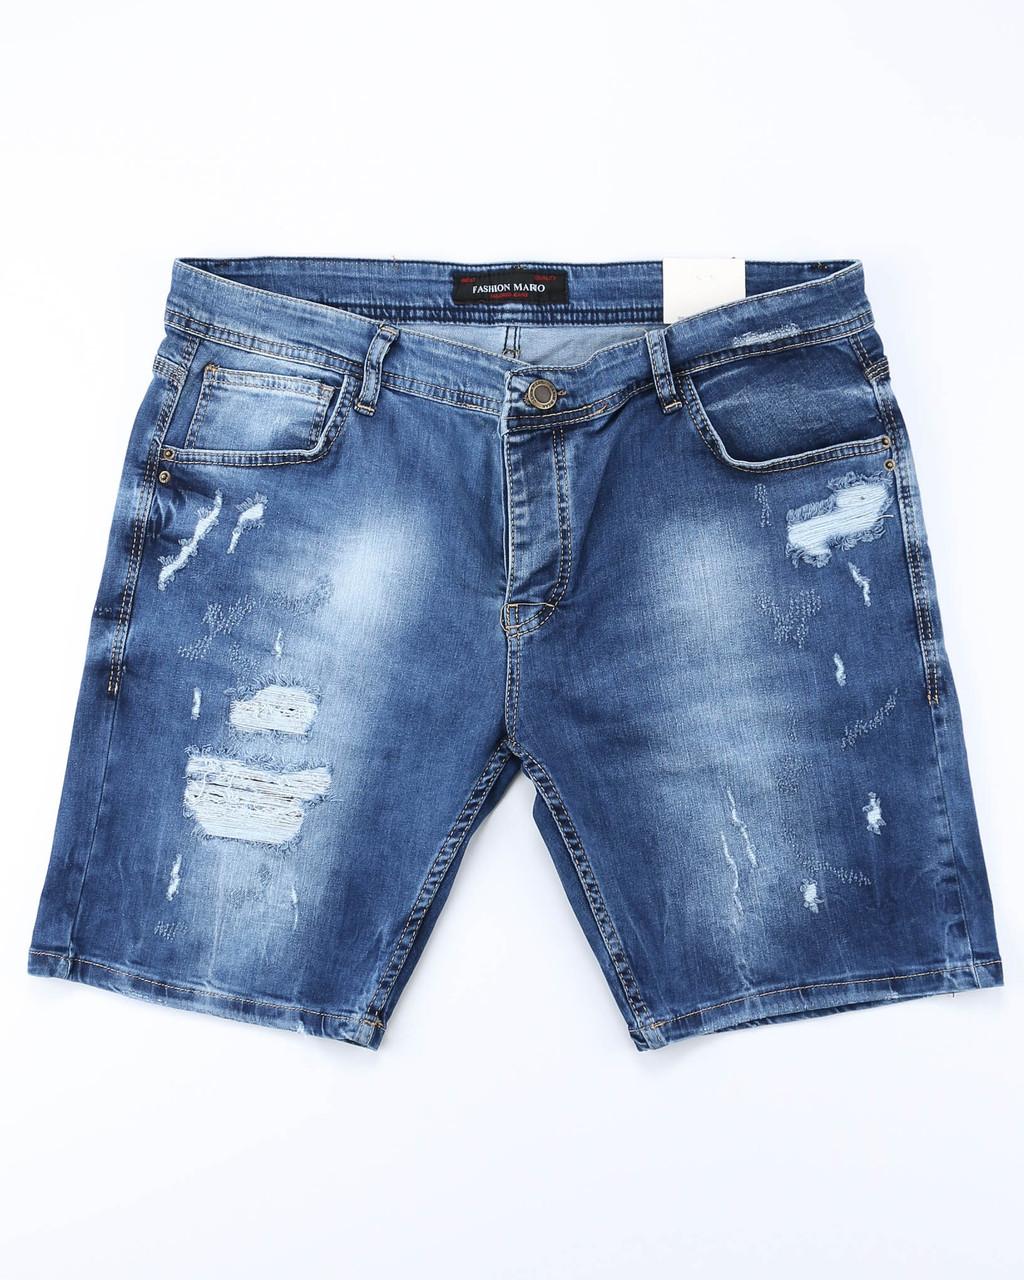 Шорты джинс MARIO рваные 30(Р) 0017